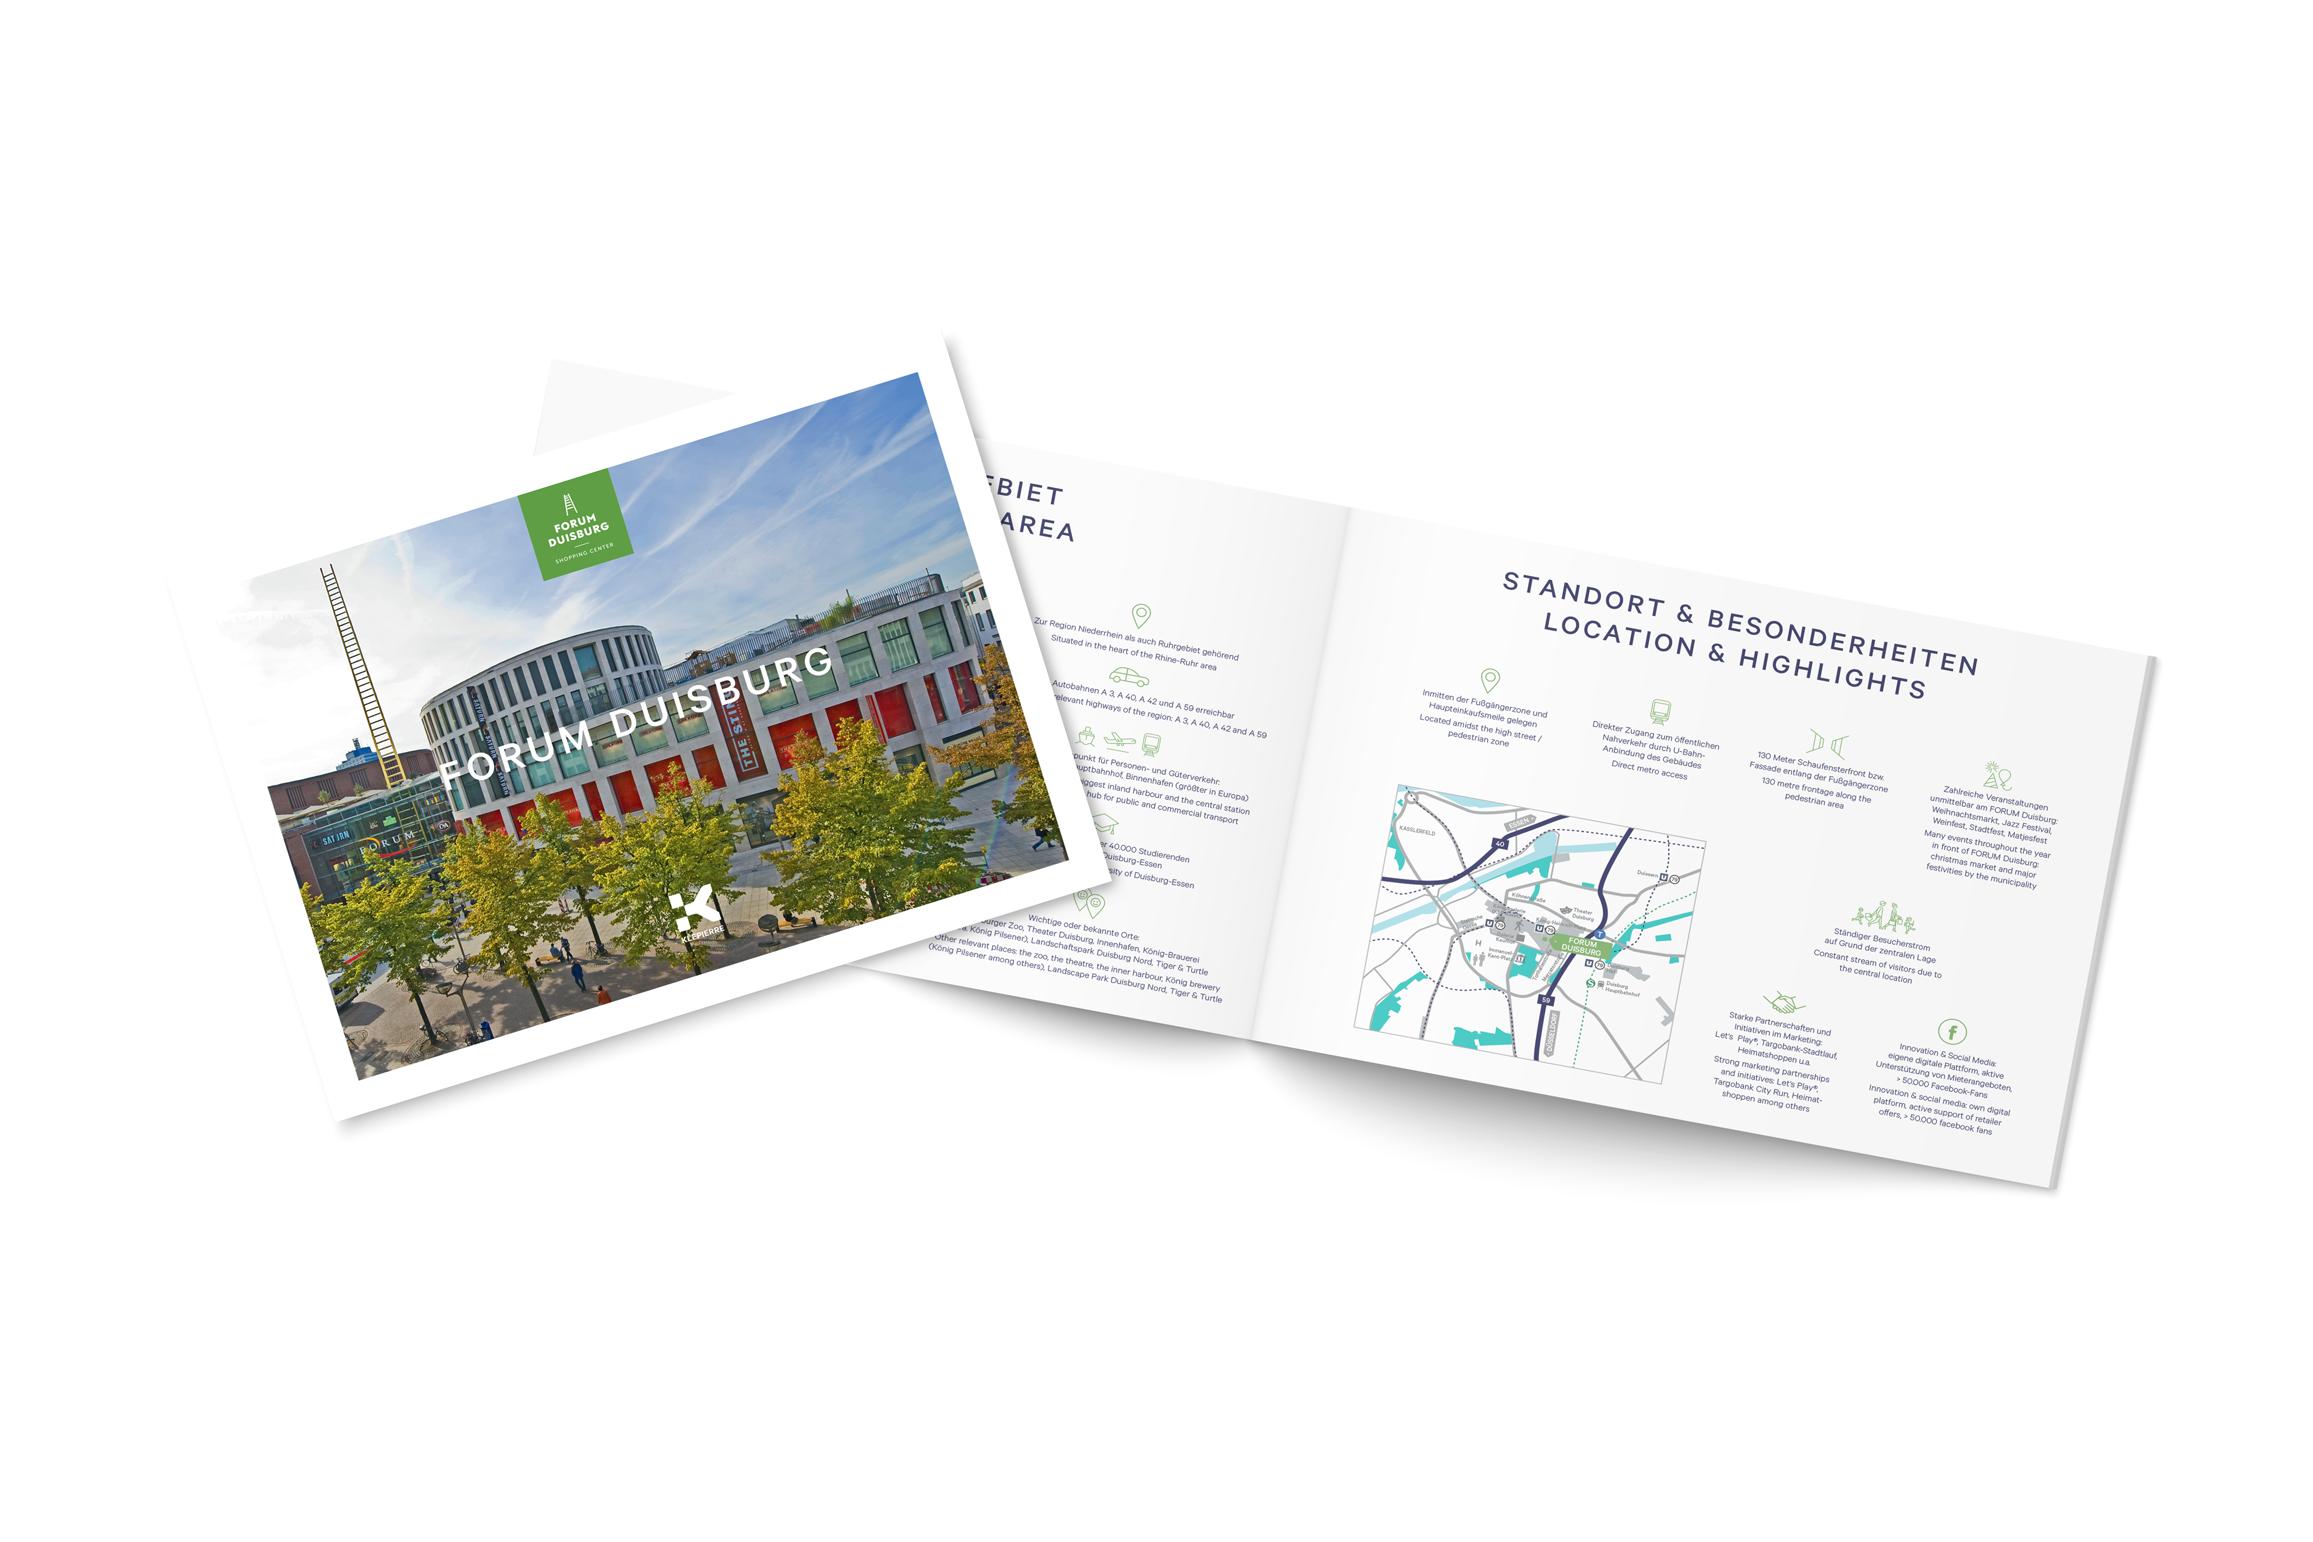 Das Shoppingcenter Forum Duisburg vertraut auf die Expertise der Full Service Agentur Cantaloop